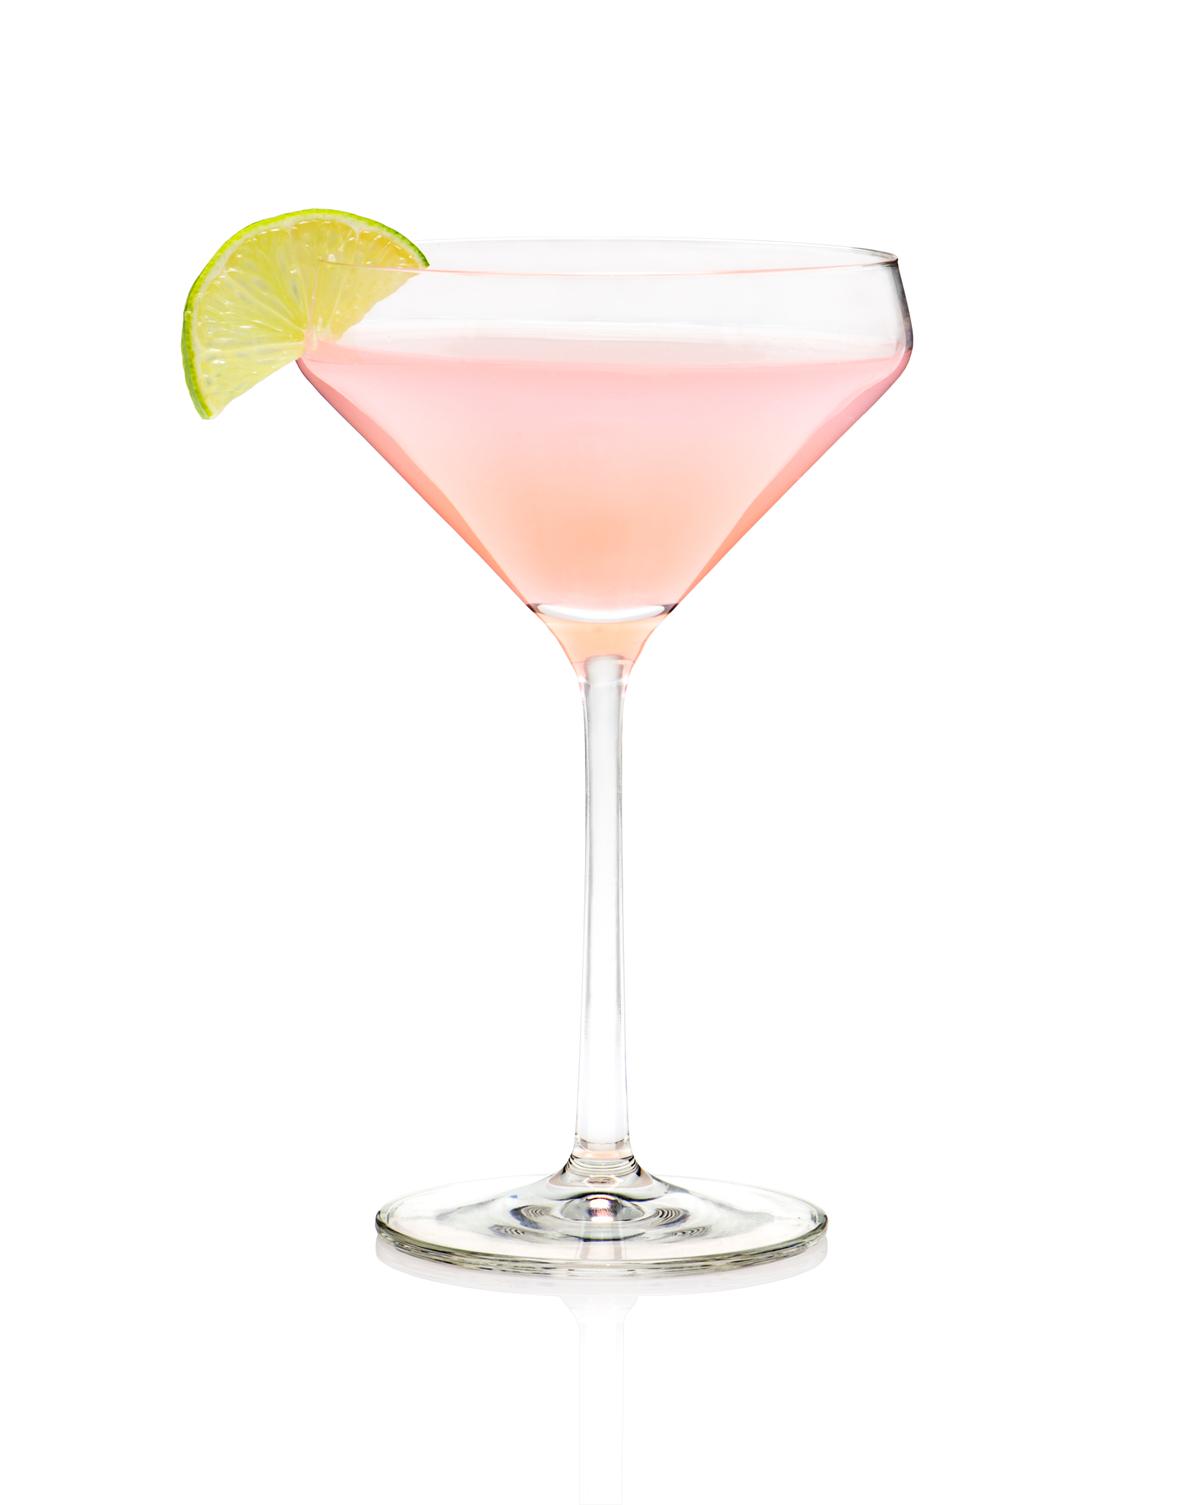 martiniglass-cocktail-vertical-reflection.jpg